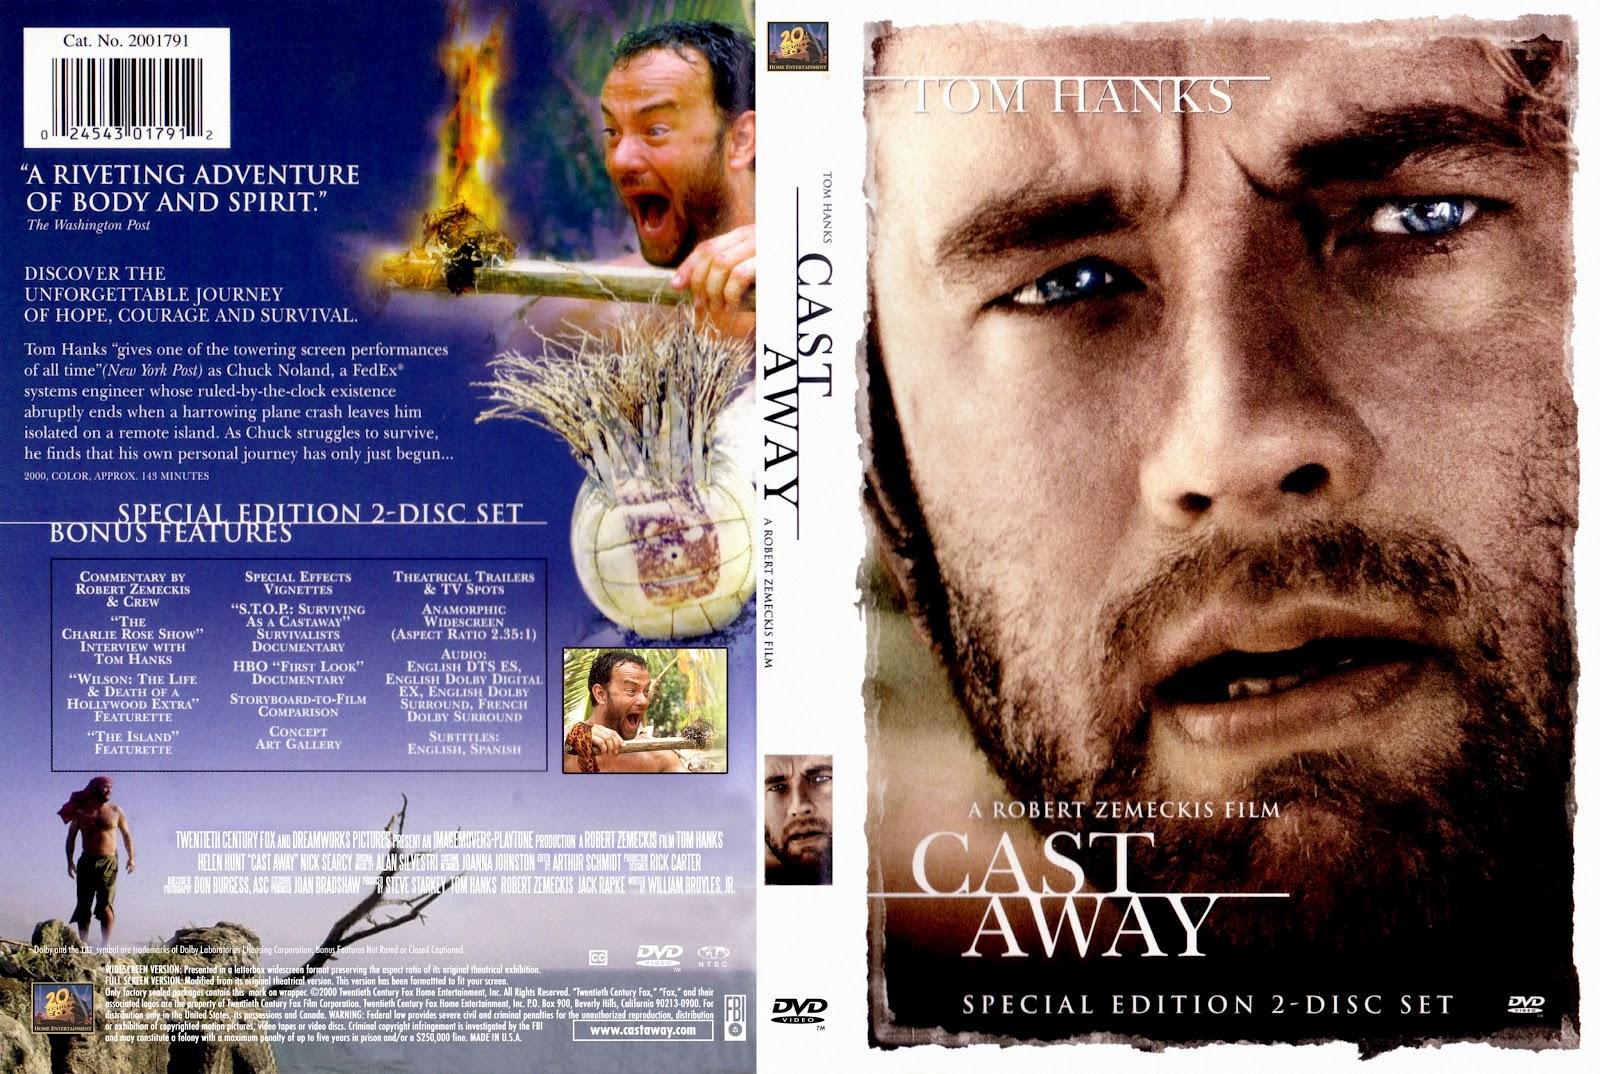 http://4.bp.blogspot.com/-qm5VHt_4nuY/T34FNWC5Z9I/AAAAAAAABCk/lsqfWum6djY/s1600/Cast_Away_R1-%5Bcdcovers_cc%5D-front.jpg